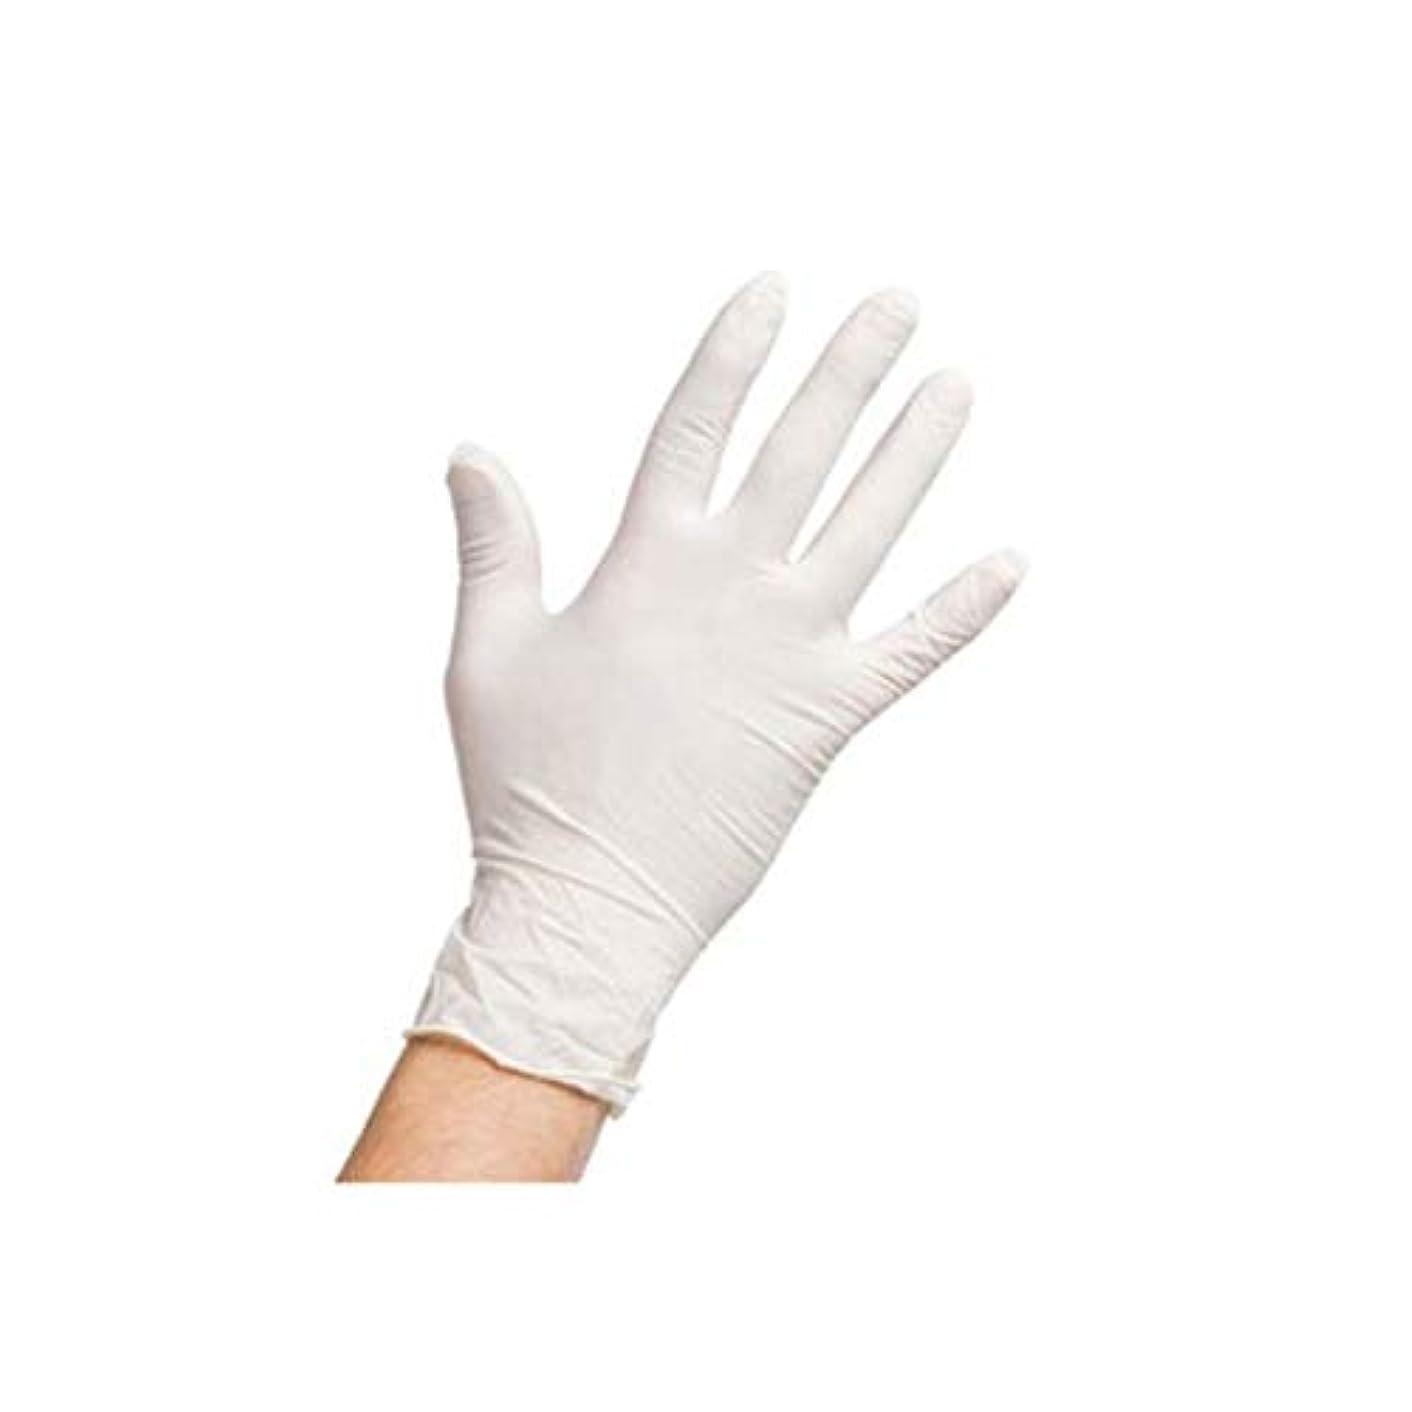 凍るケージ返済(A1ラテックス) 最高品質のLatex手袋 ニトリル手袋 パウダーフリー 無粉末 200枚(6g Latex、4g Nitrile)【海外配送商品】【並行輸入品】 (S)